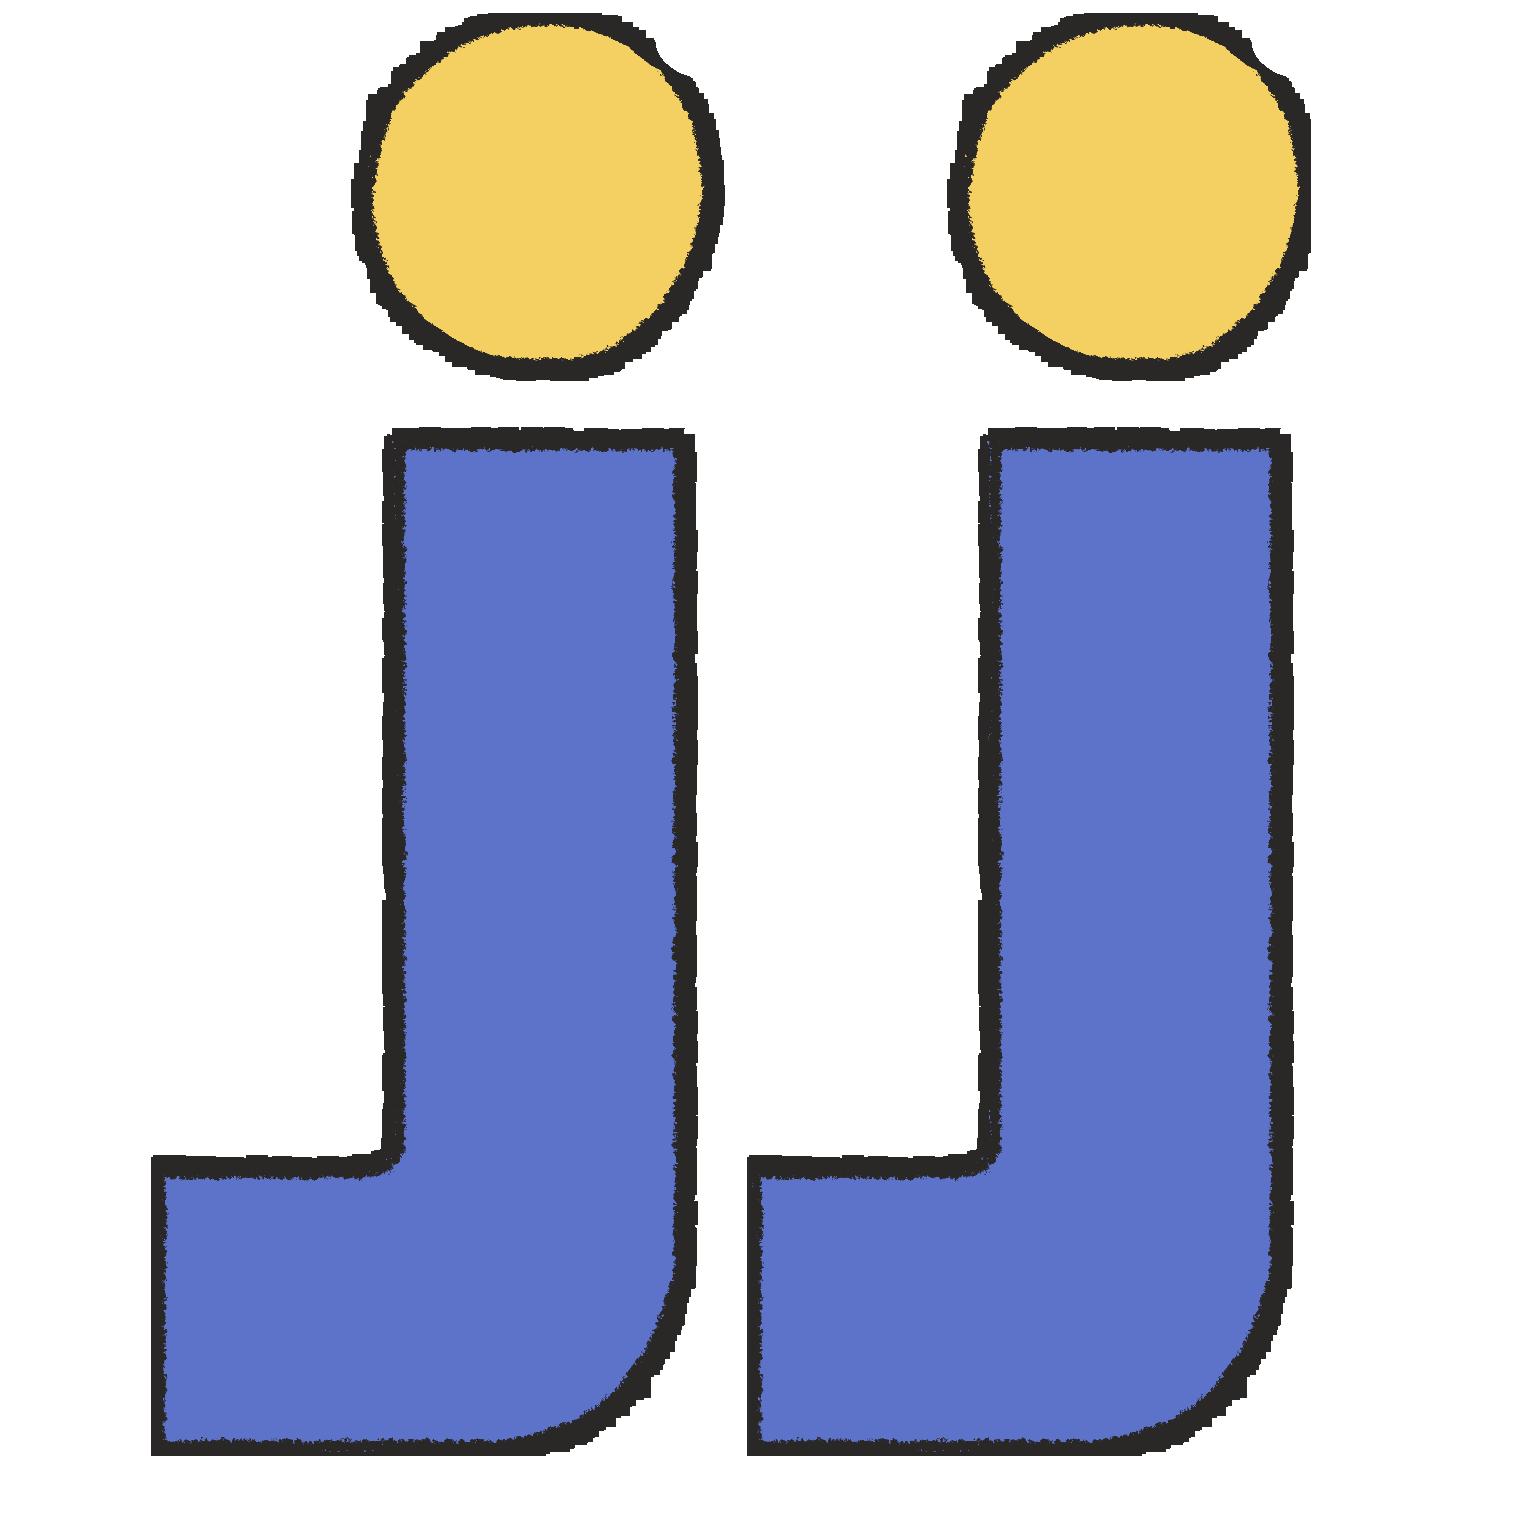 Jerry Jaimes